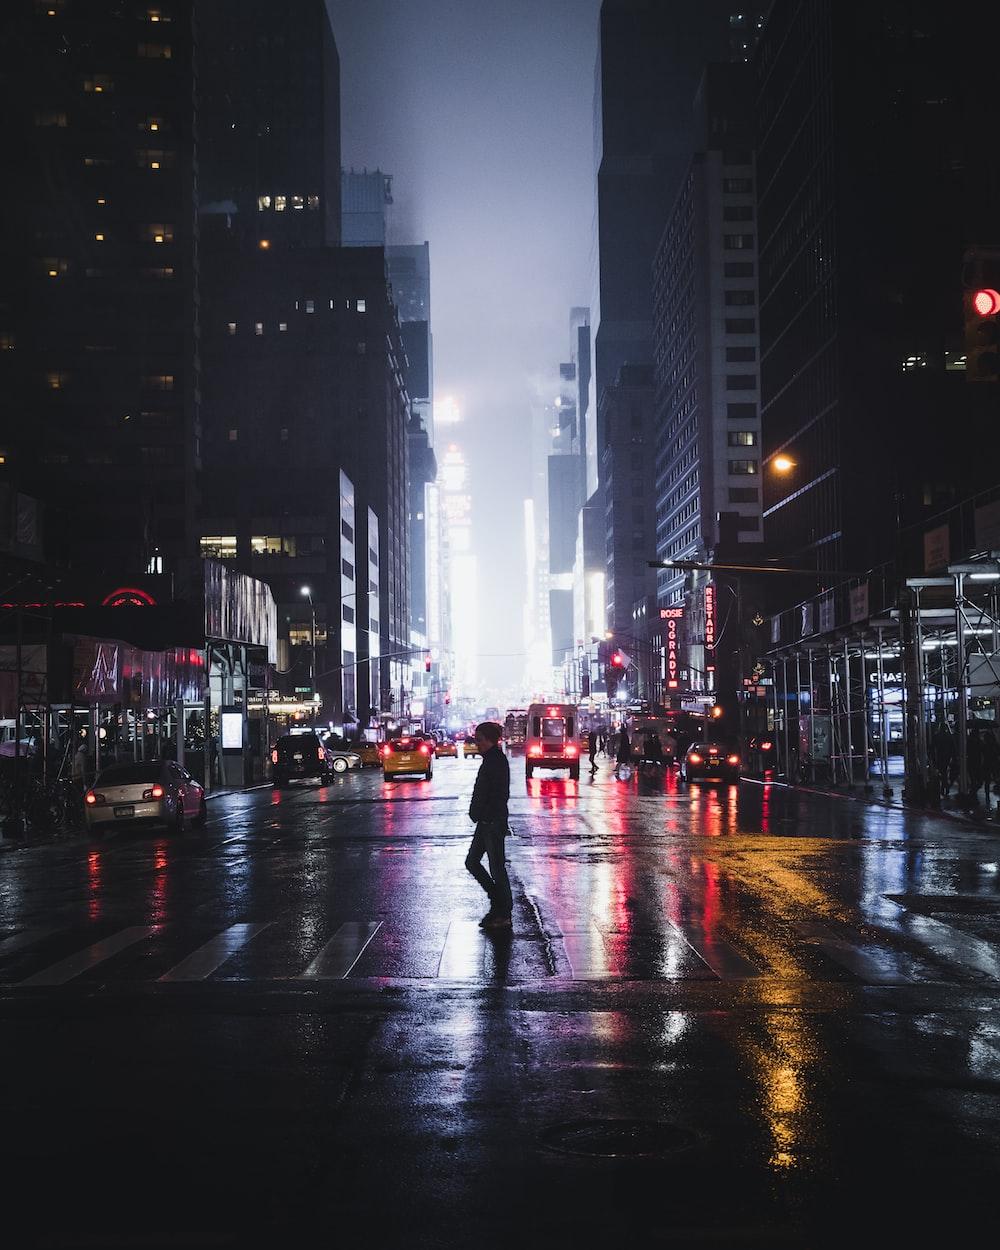 man standing between road